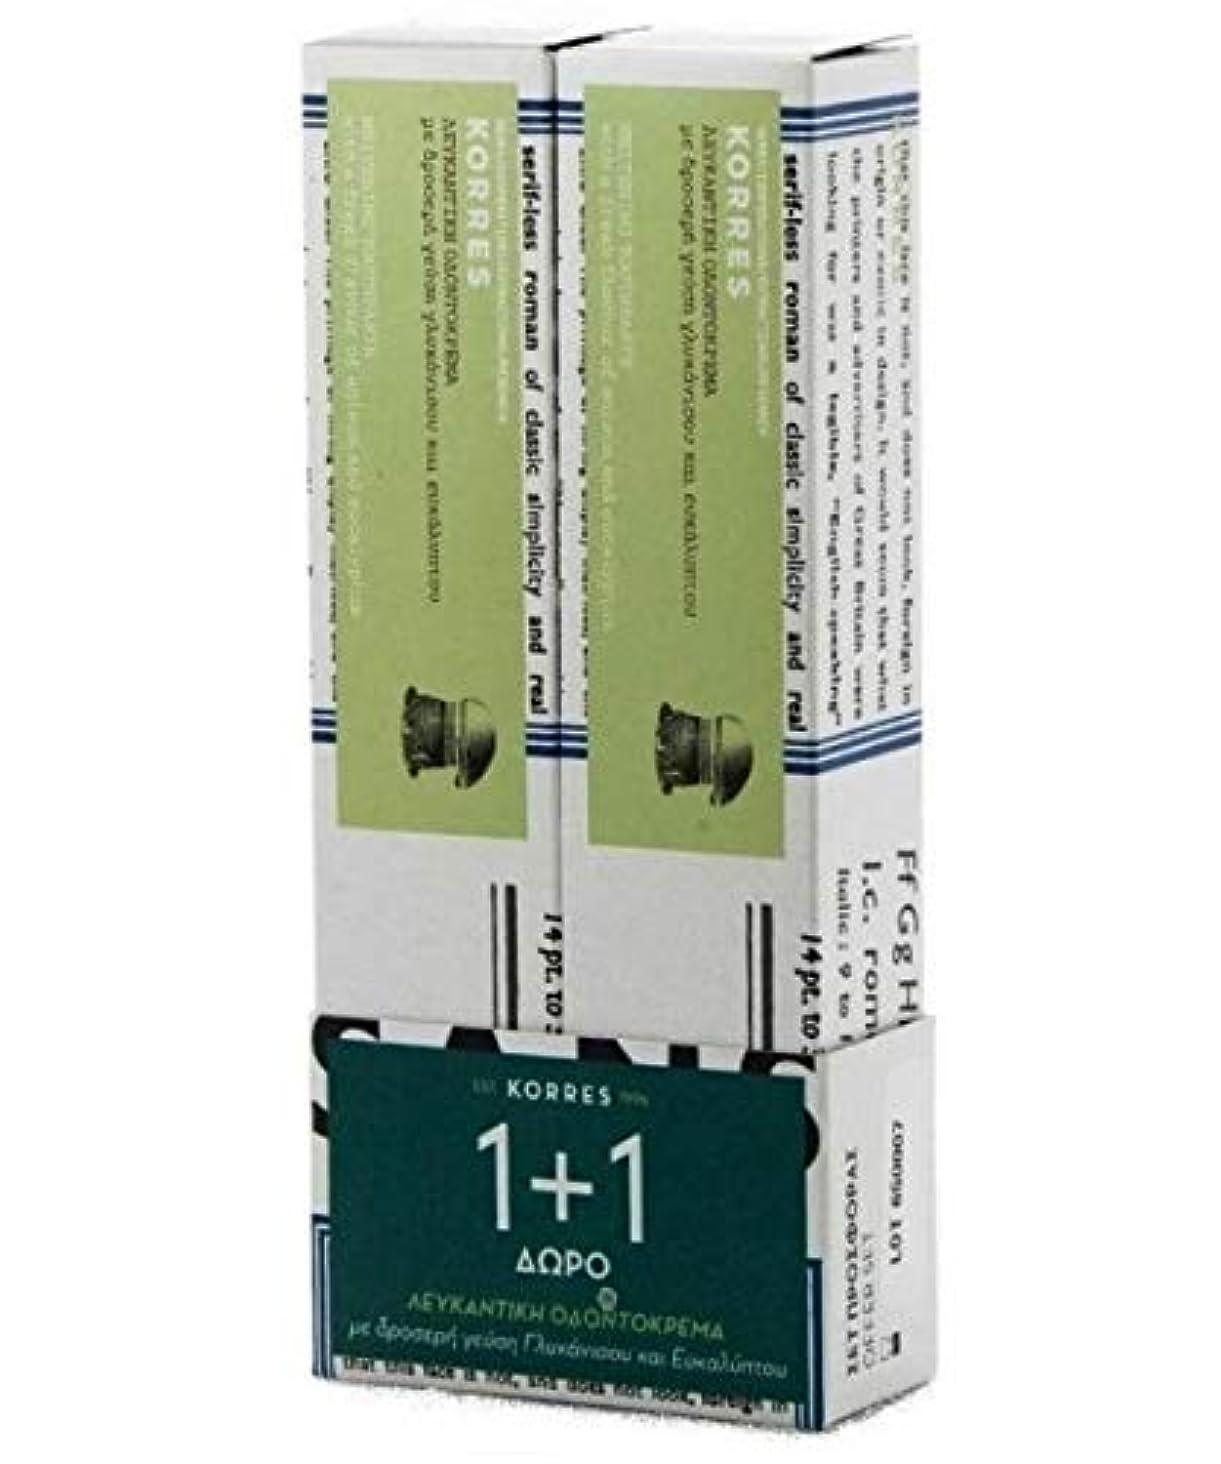 突進物質天気Korres ホワイトニング歯磨き粉 アニスムとユーカリの風味 1+1 提供